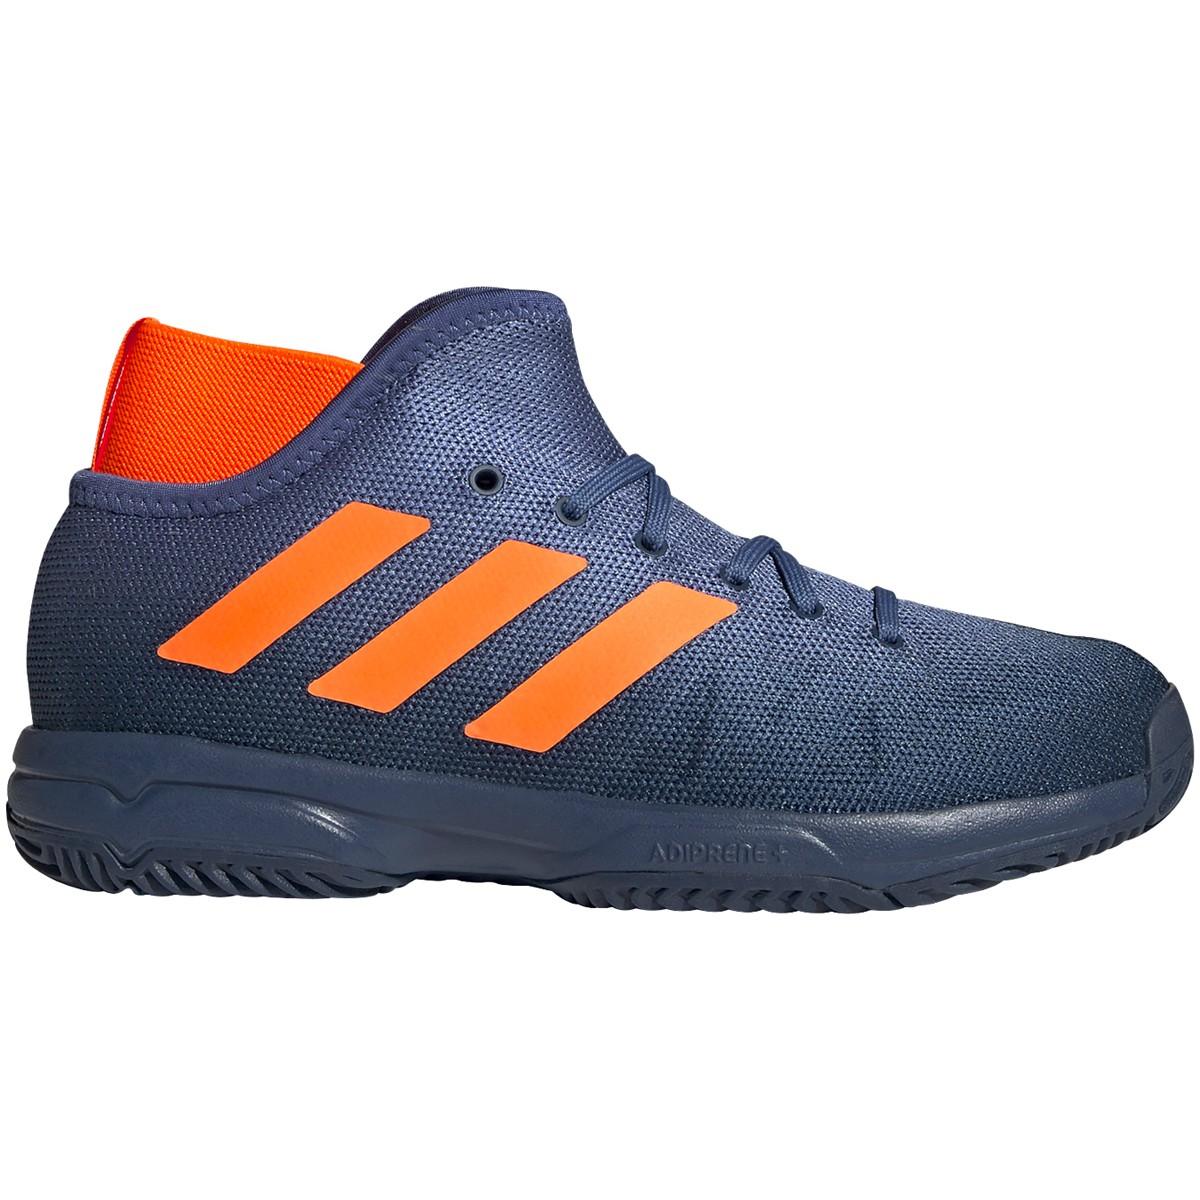 JUNIOR ADIDAS PHENOM ALL COURT SHOES - ADIDAS - Juniors - Shoes ...